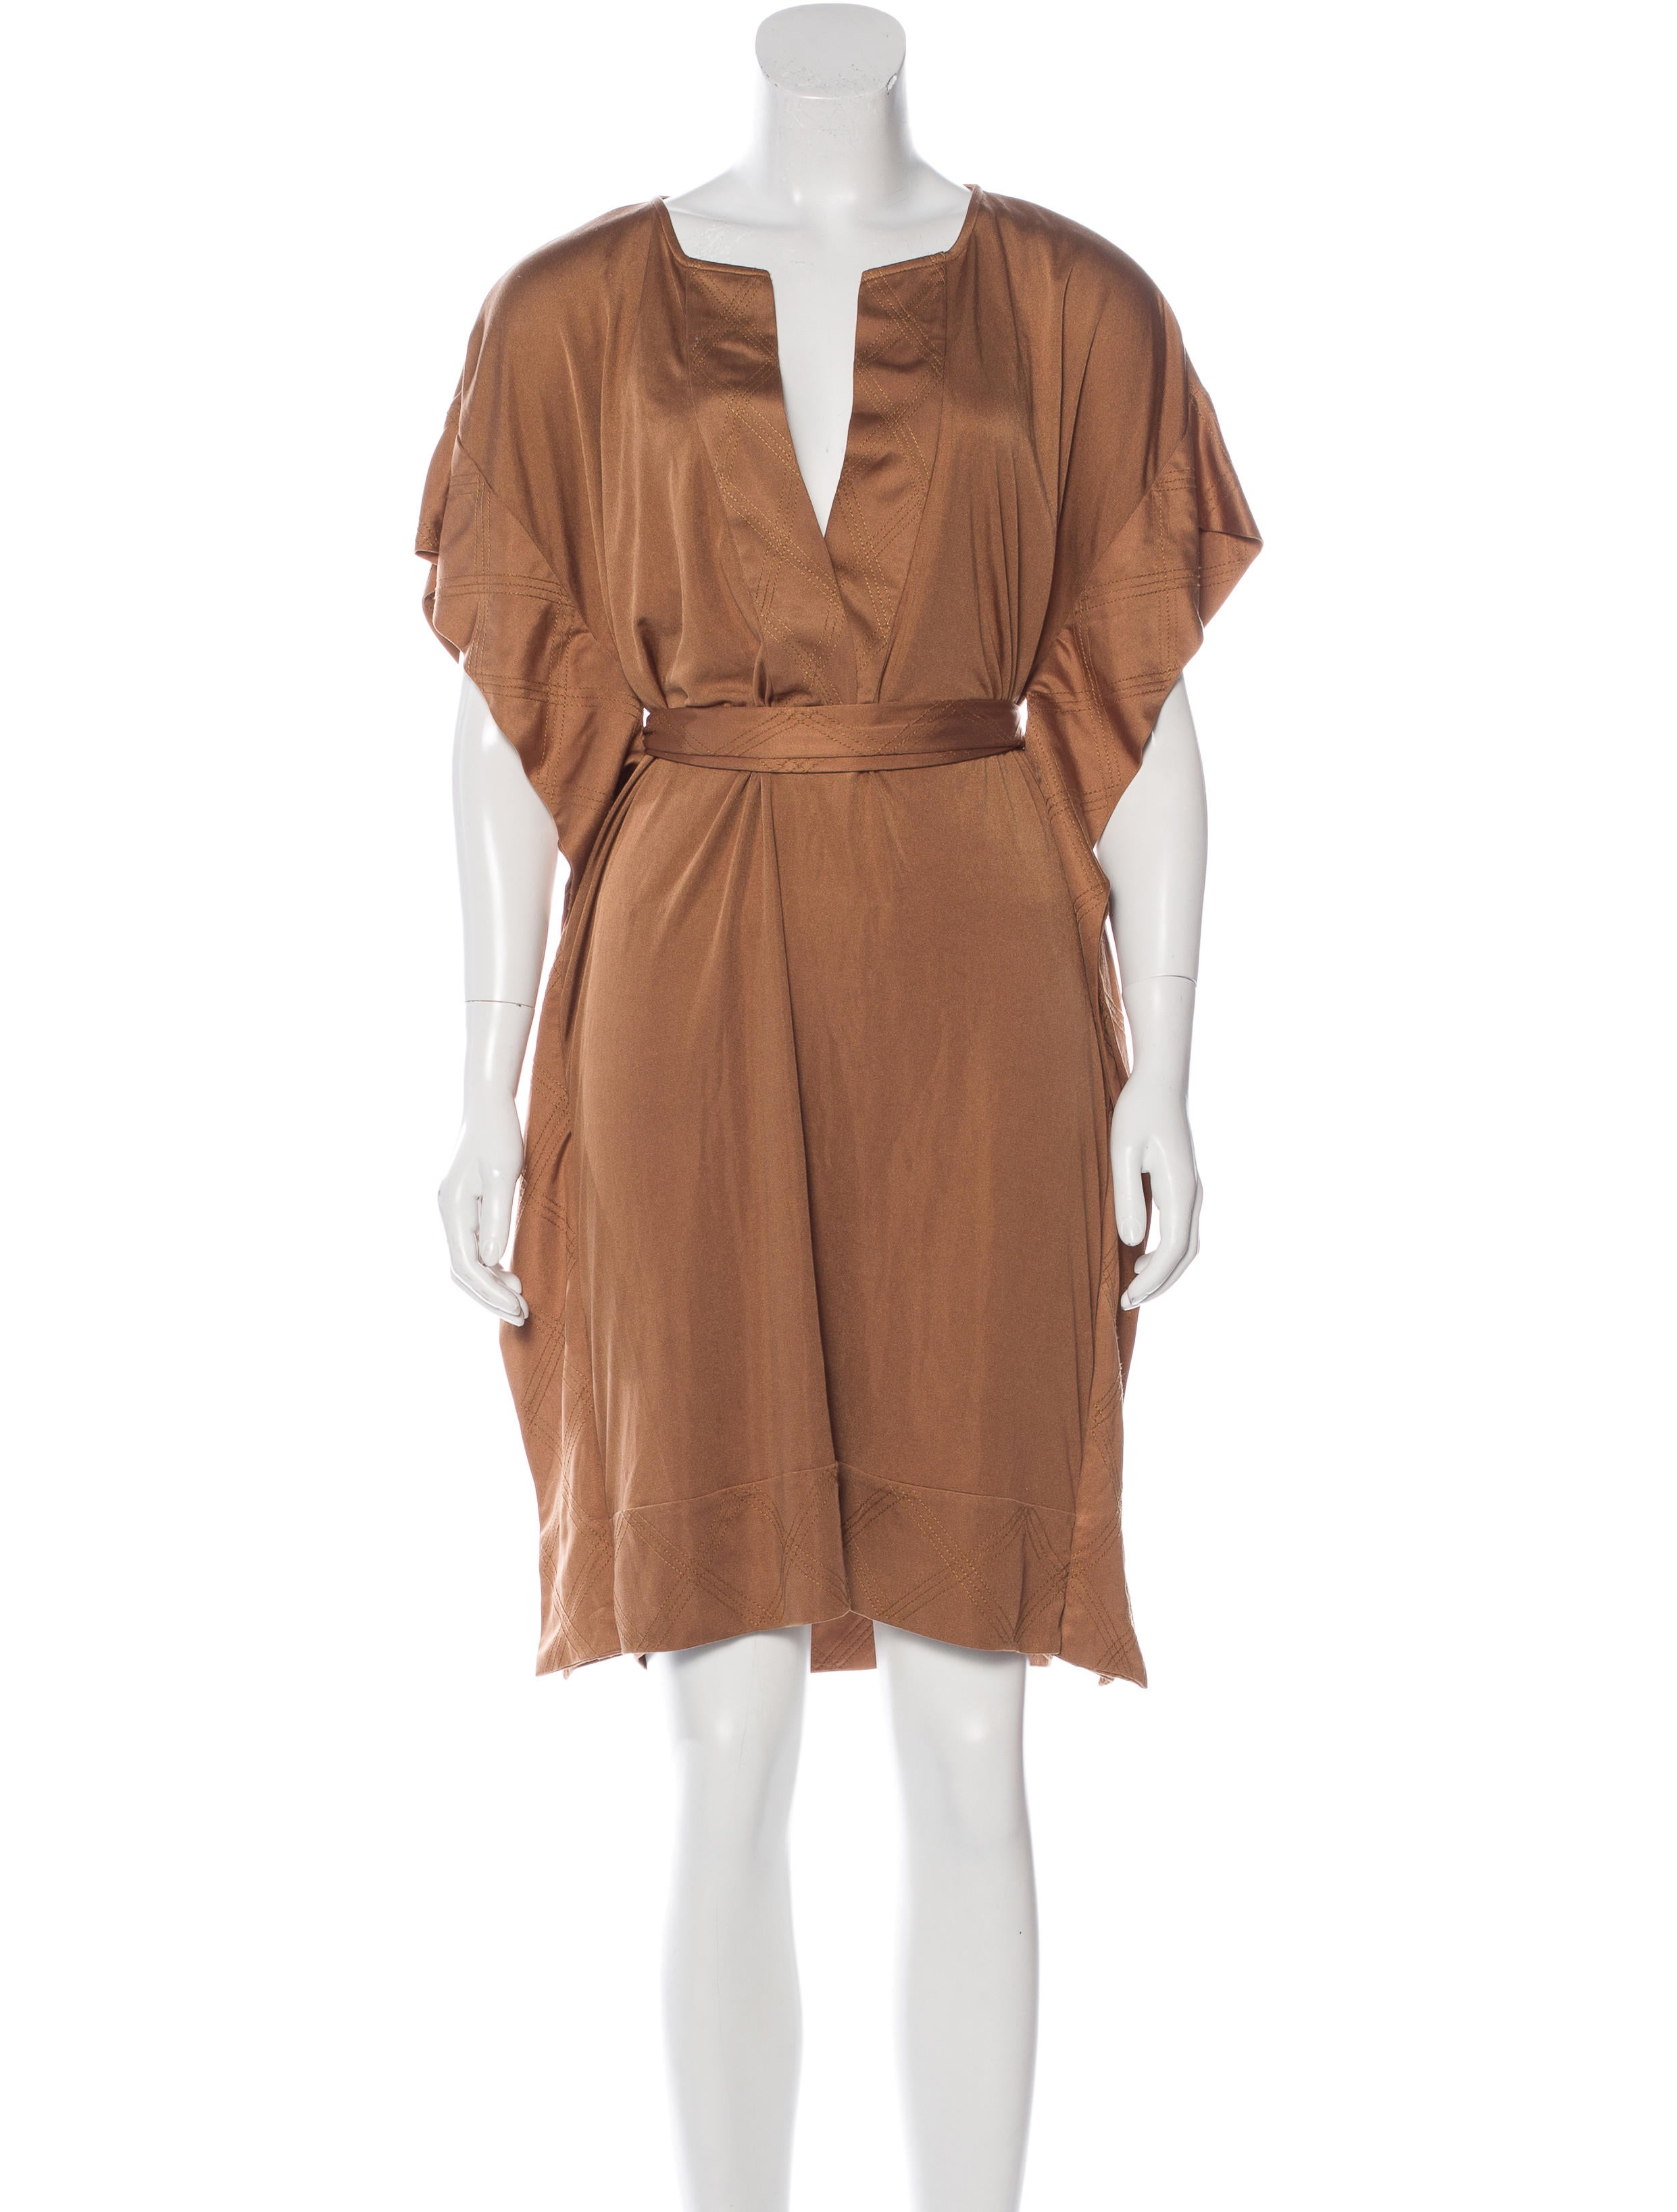 Diane von furstenberg silk belted dress clothing for Diane von furstenberg shirt